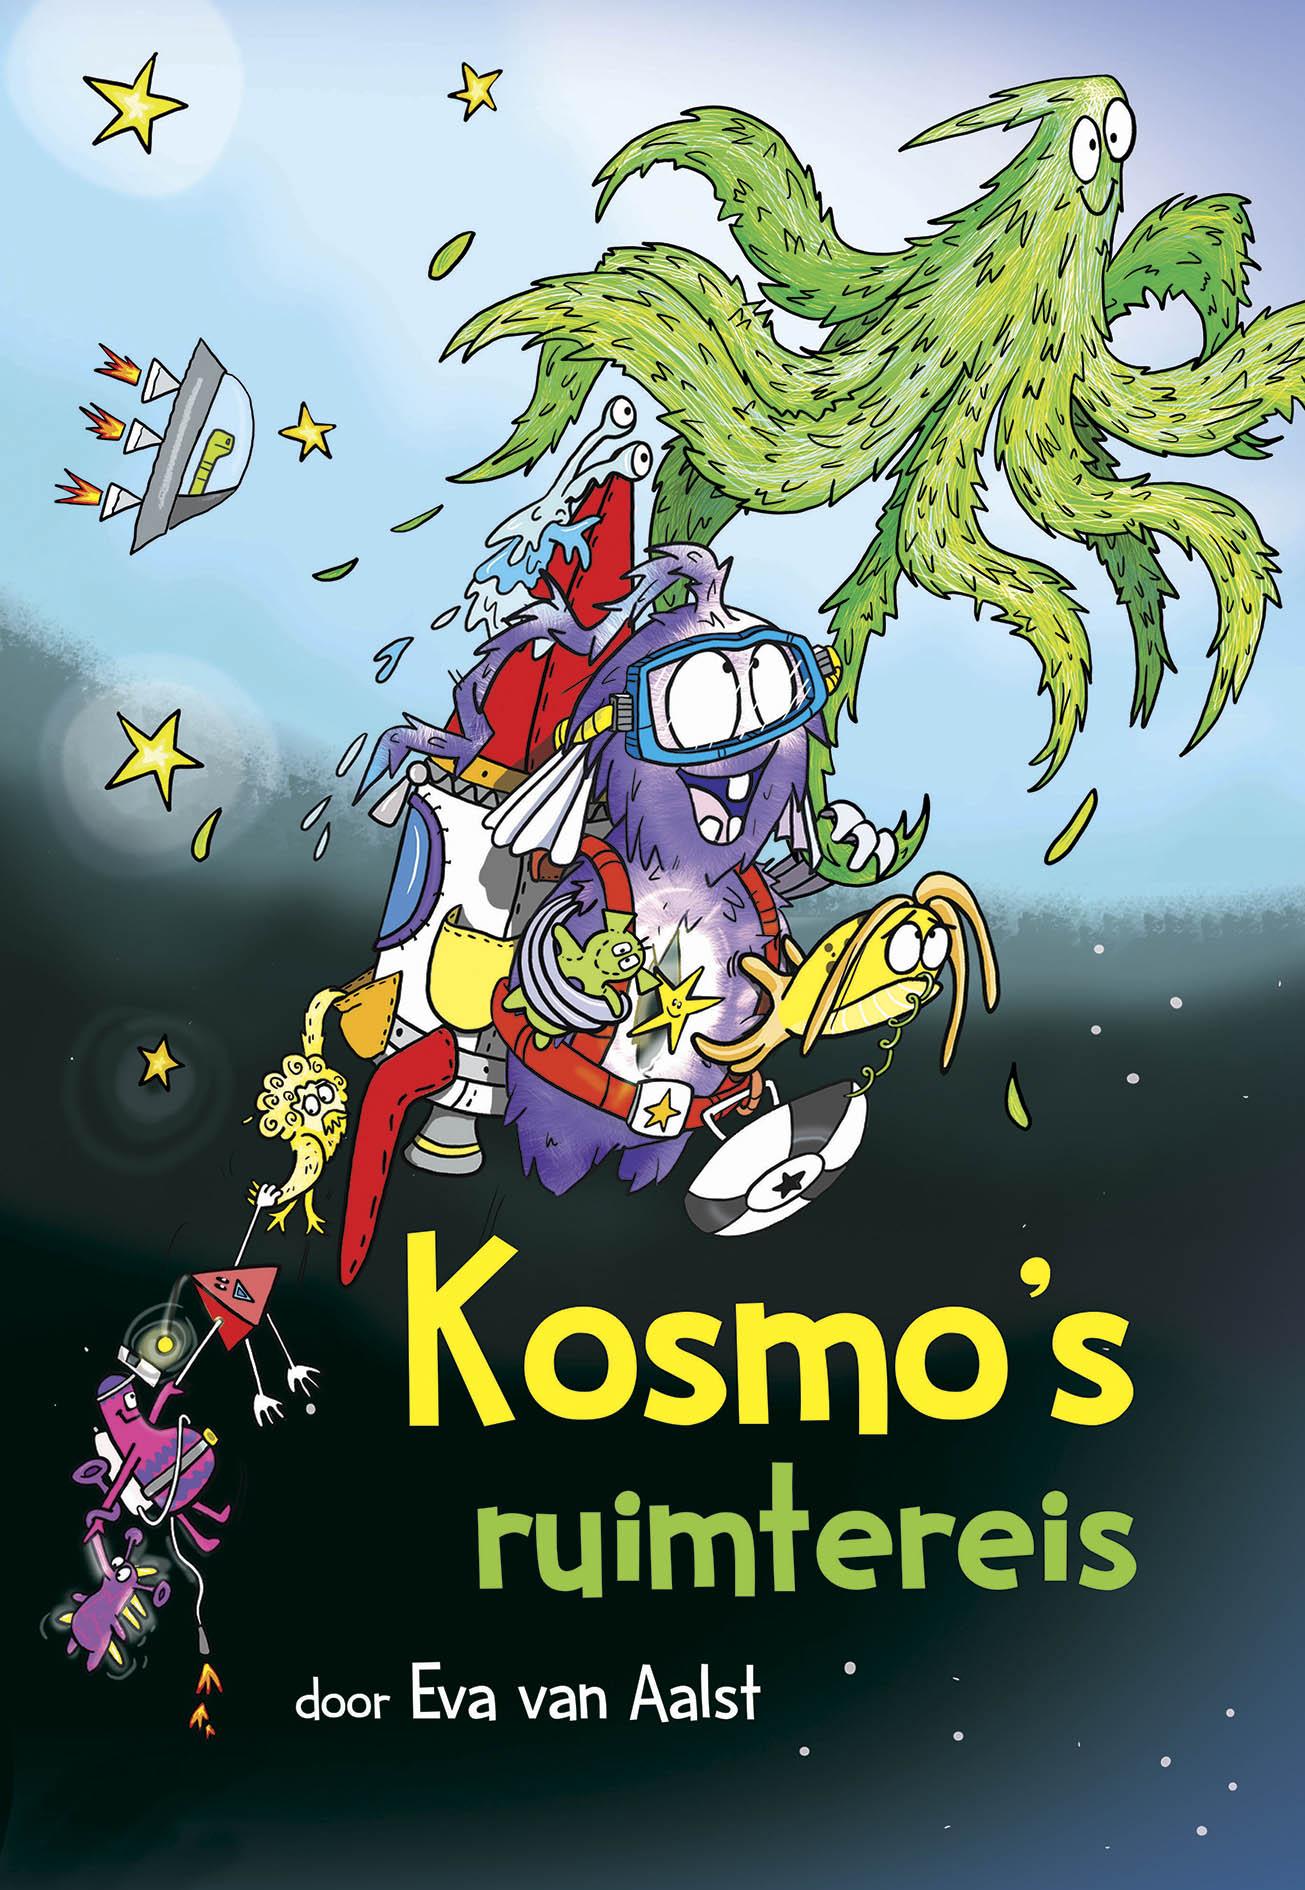 Kosmo's ruimtereis - Geschreven en geïllustreerd door Eva van AalstUitgegeven door Uitgeverij Randazzoaugustus 2019www.kosmosruimtereis.nl